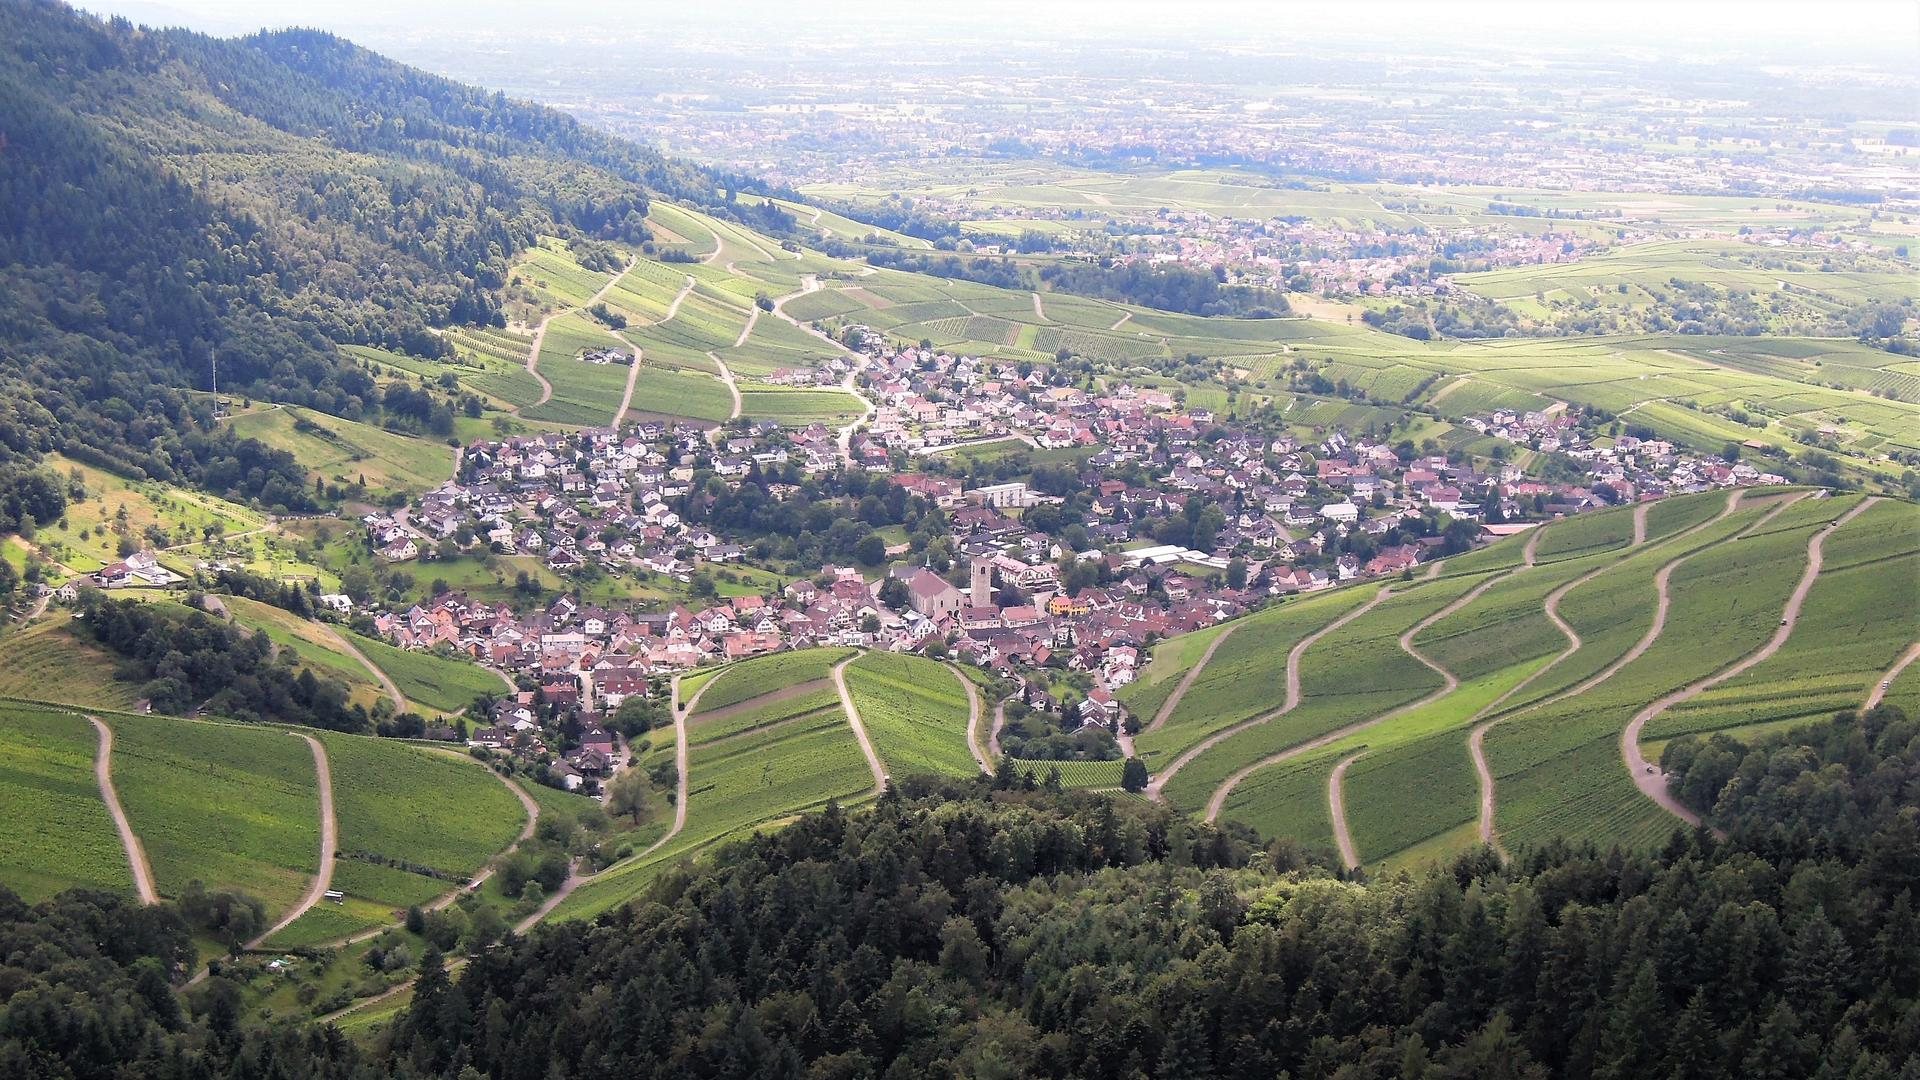 Zersiedelte Landschaft: Neubaugebiete mit Einfamilienhäusern dehnen sich seit Jahrzehnten um die historischen Ortskerne aus und beanspruchen immer mehr Naturraum. Das Foto zeigt das Baden-Badener Rebland mit Neuweier im Vordergrund.